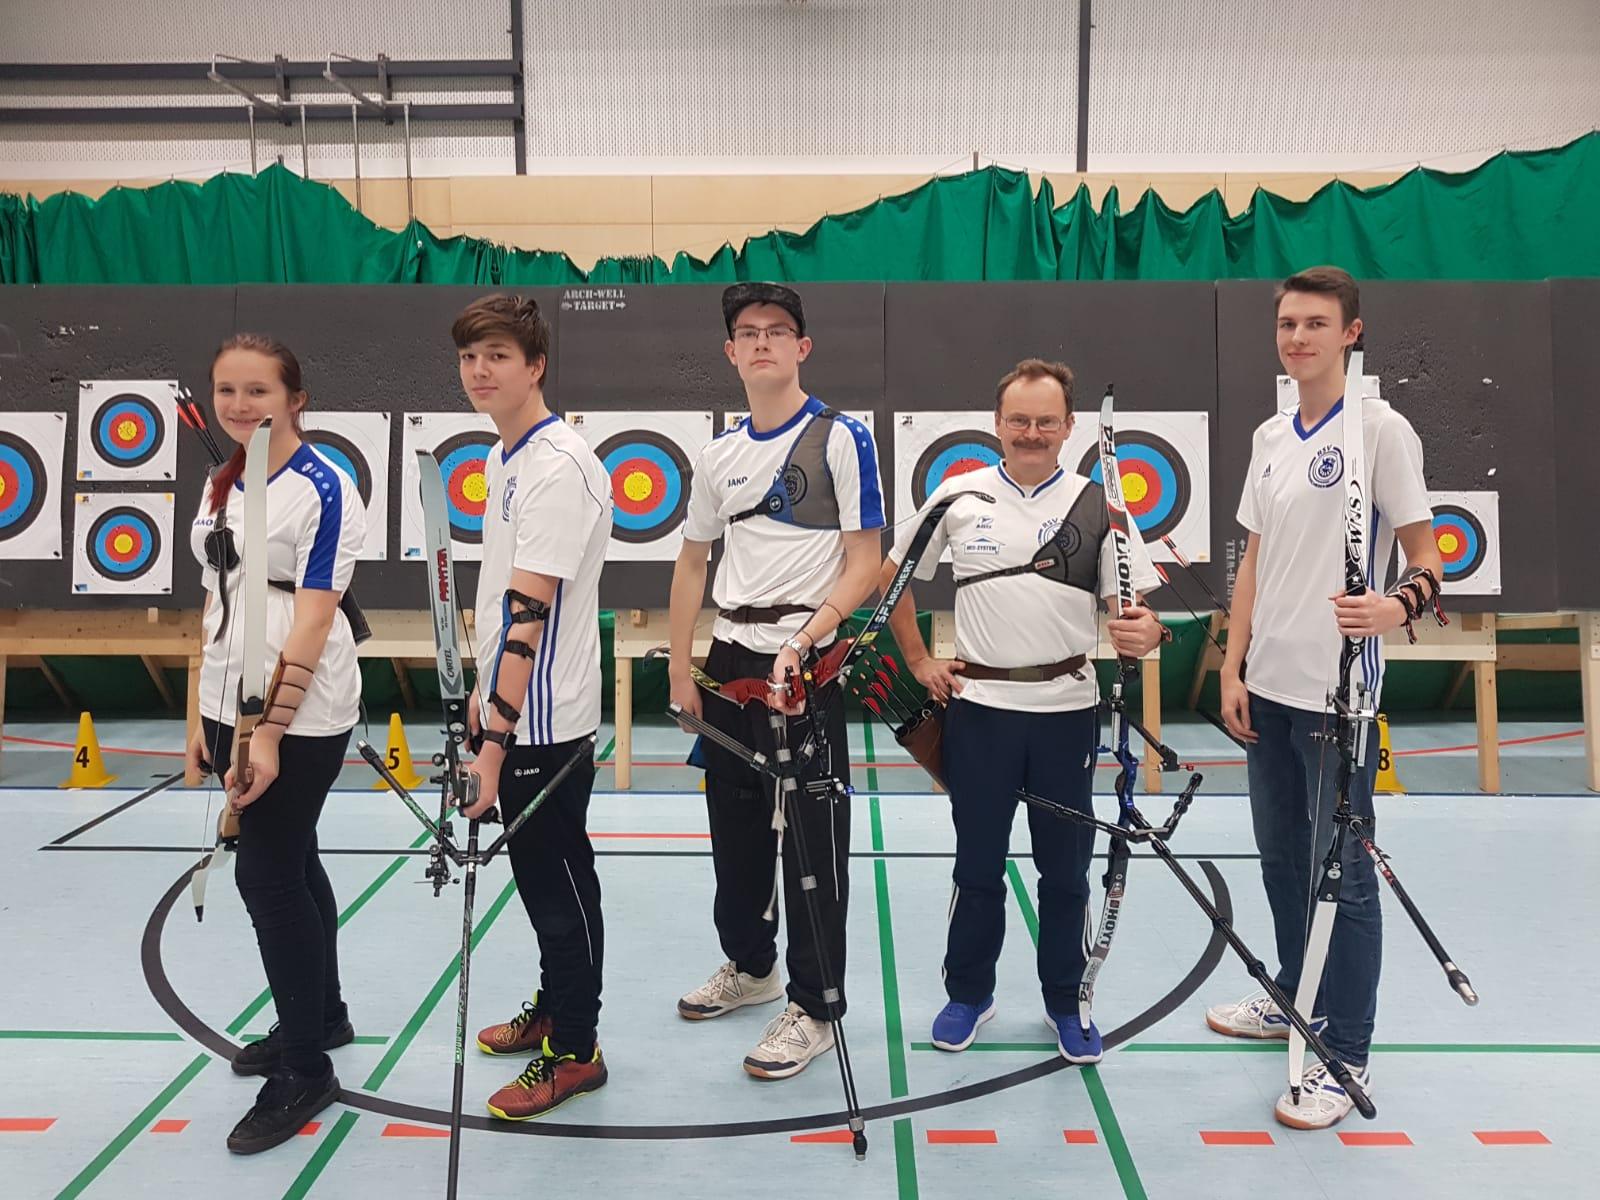 Eilmeldung: Radeberger Bogenschützen beim Turnier in Dresden